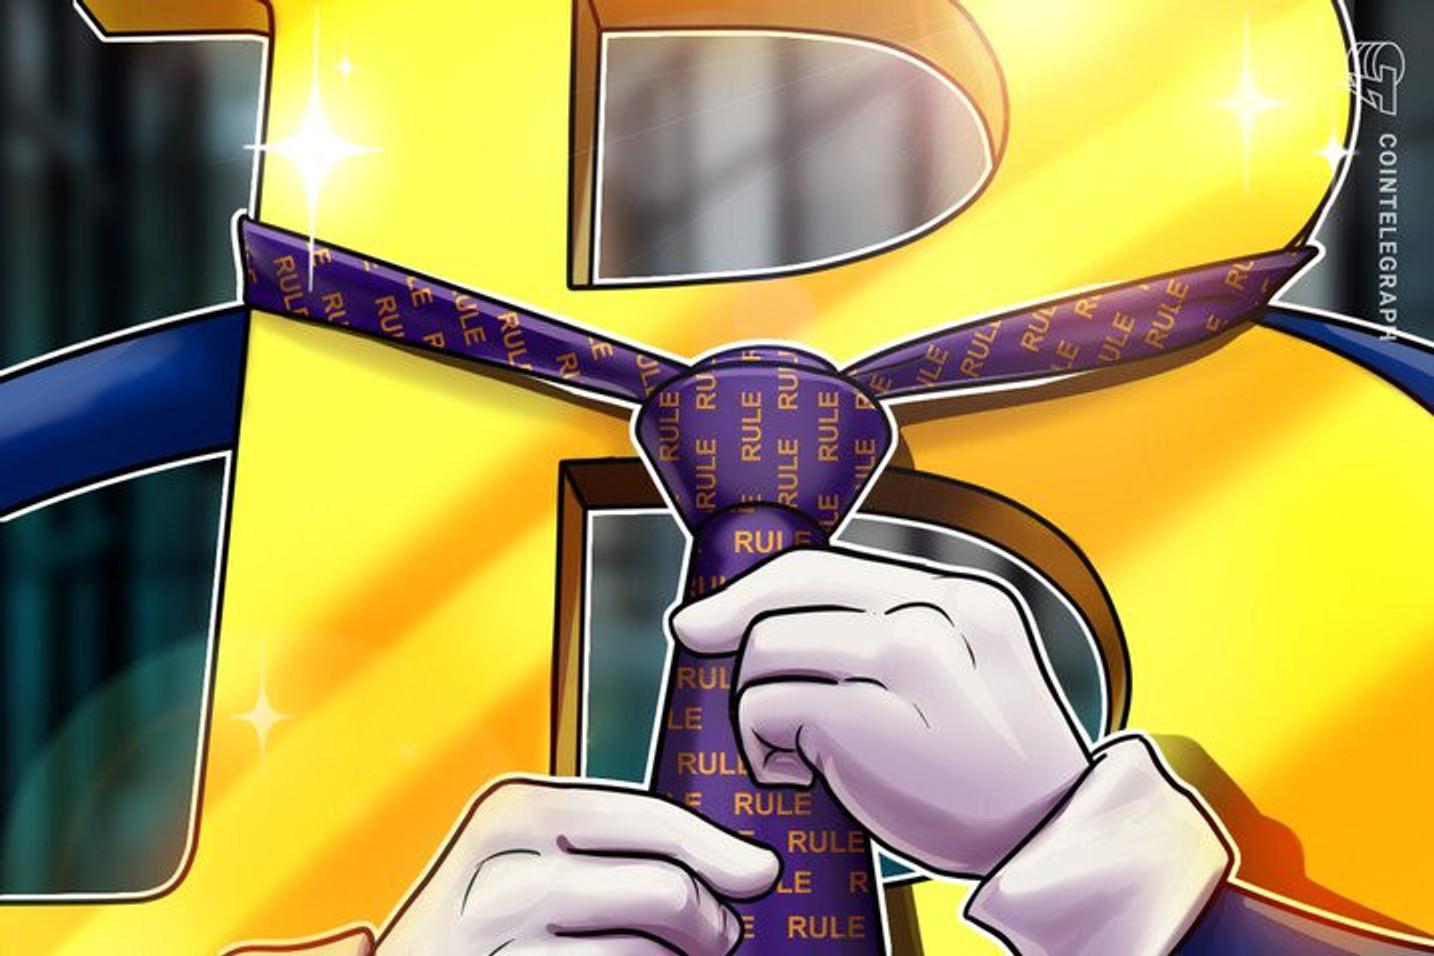 Investimento institucional em criptomoedas supera o varejo pela primeira vez na história